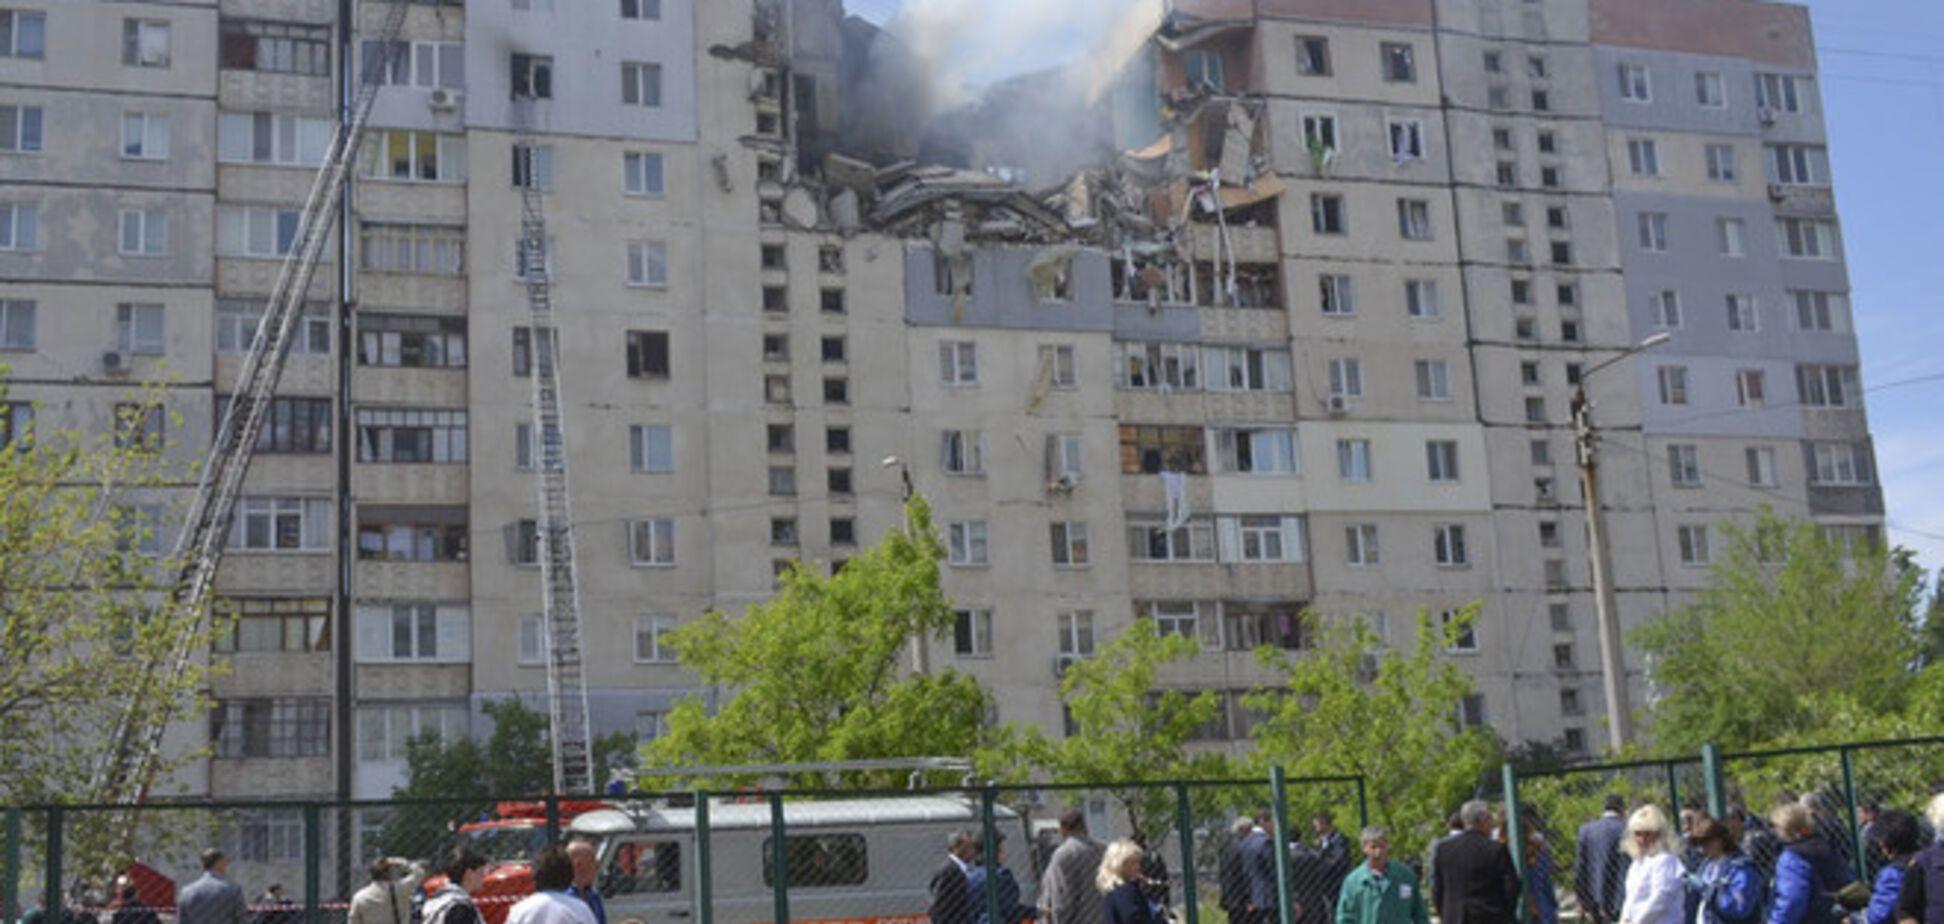 Количество жертв взрыва дома в Николаеве увеличилось до 4 человек